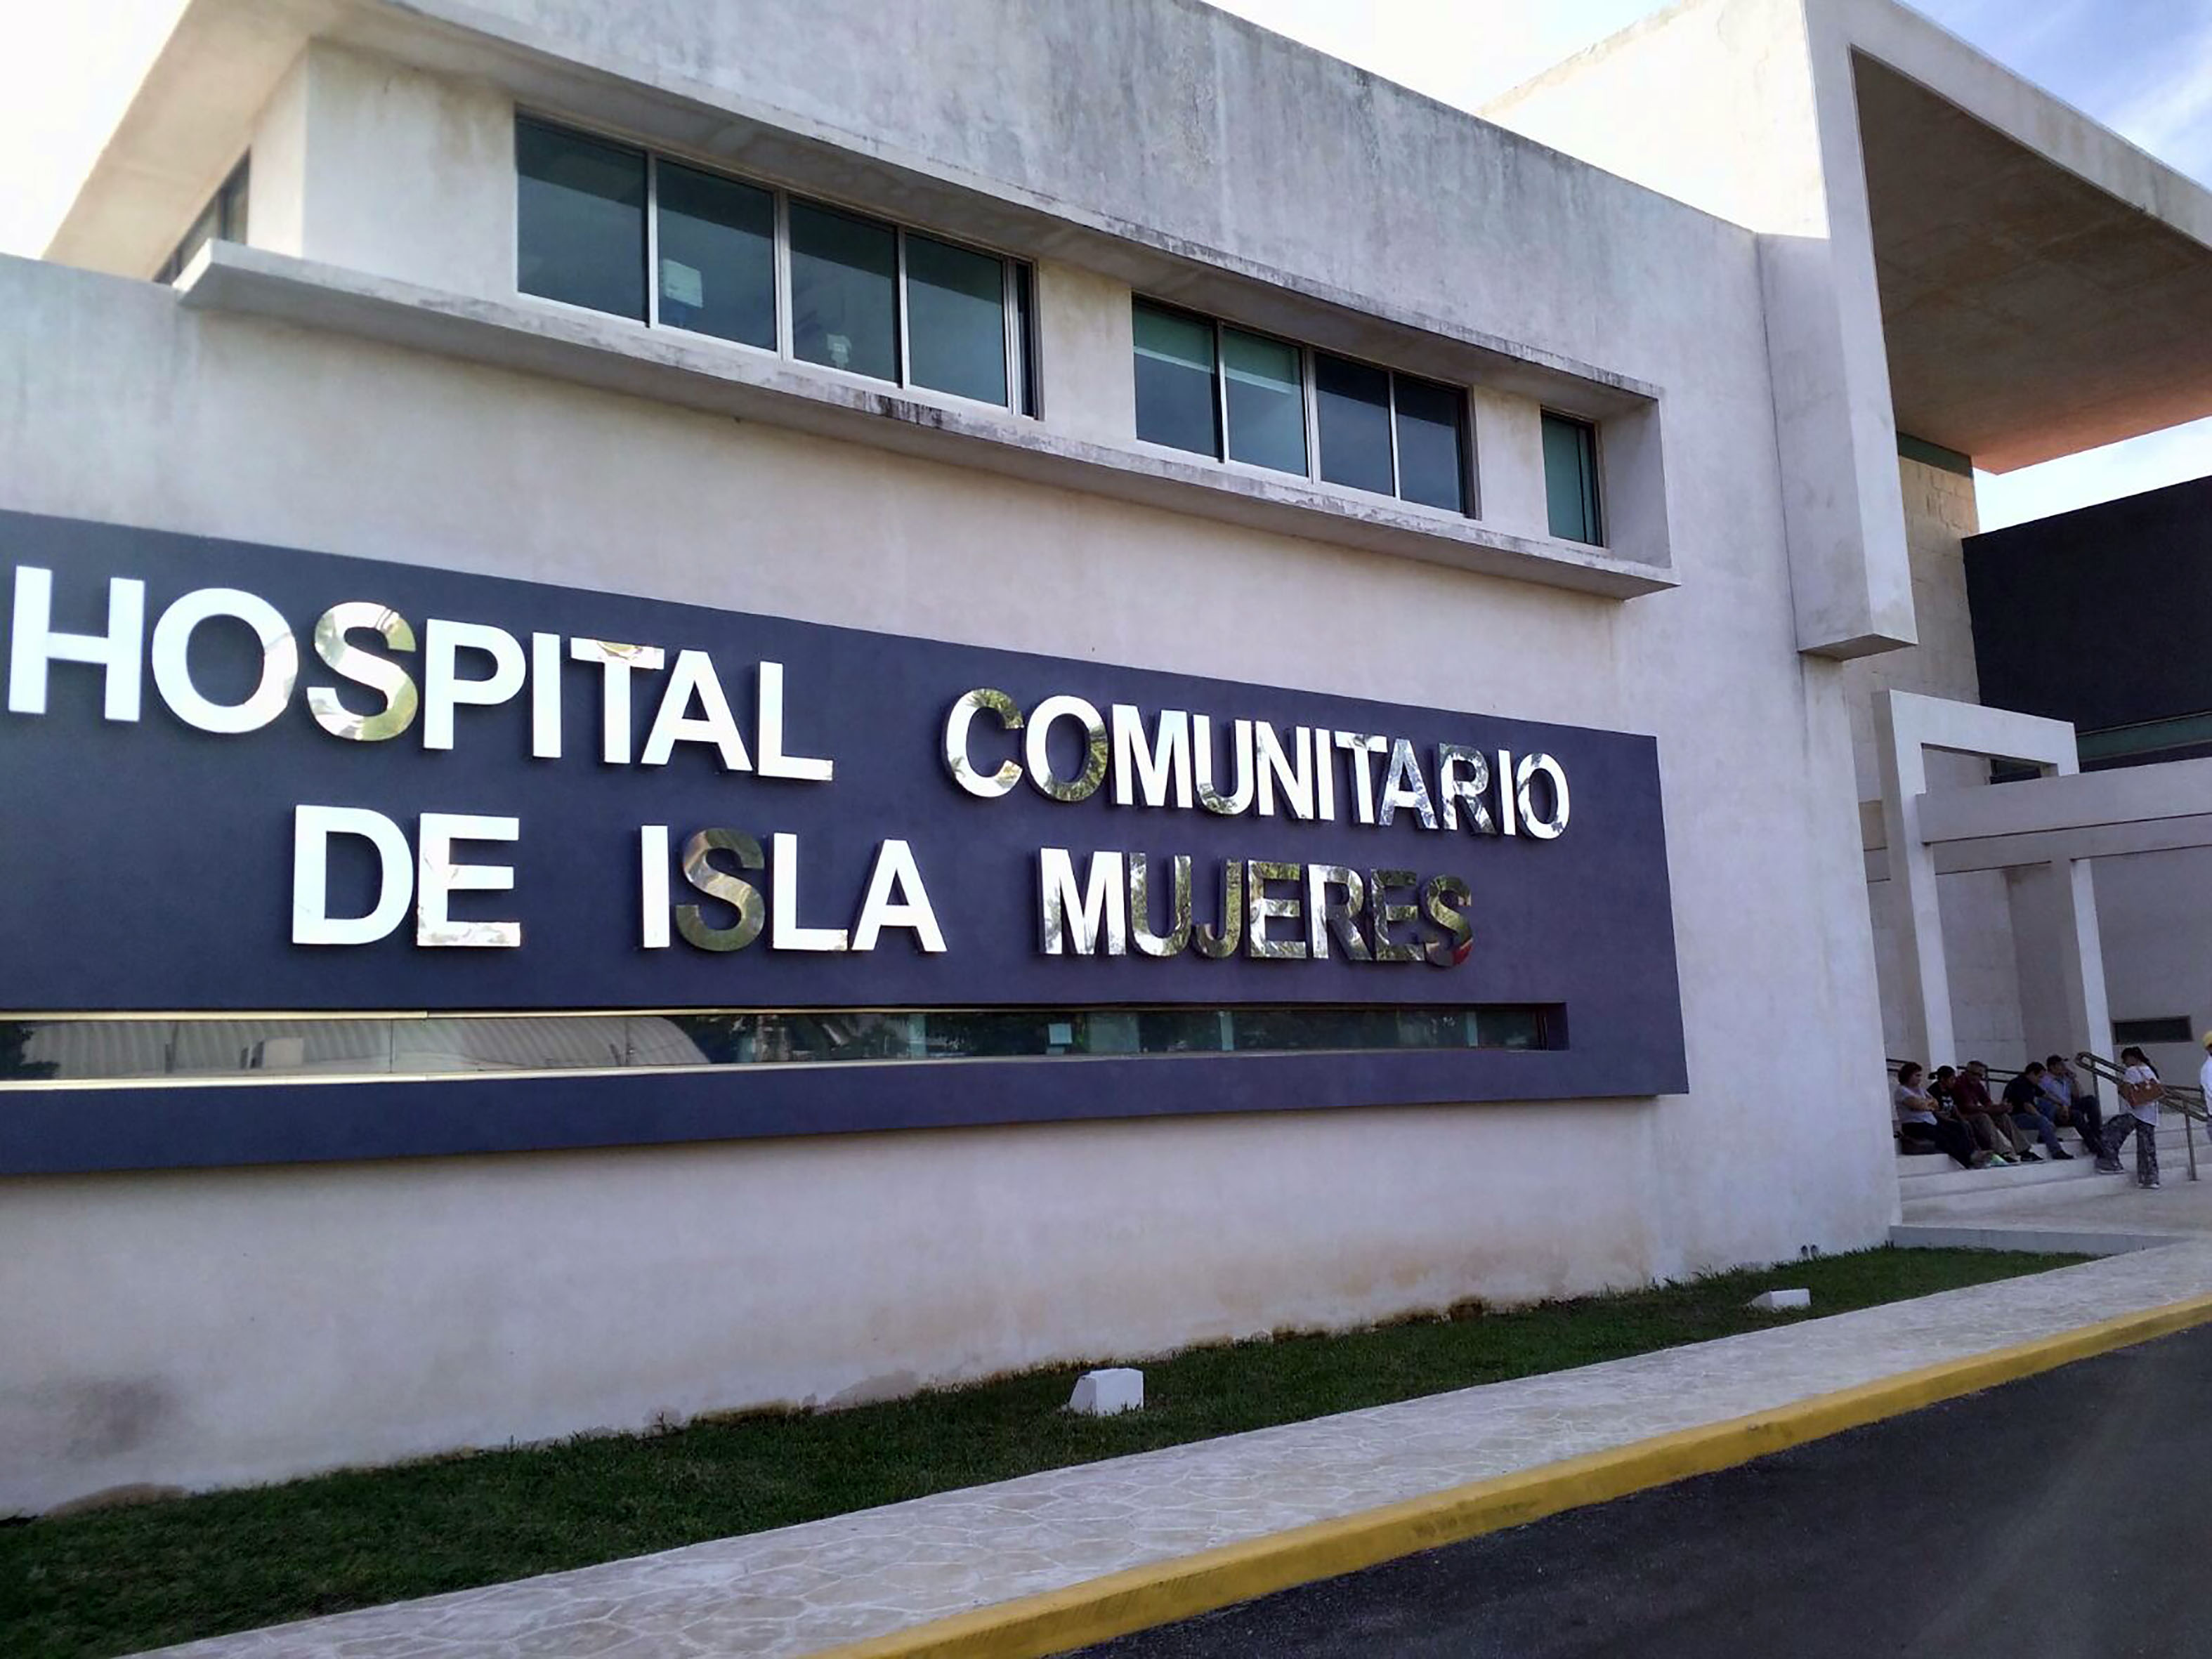 Hospital Comunitario de Isla Mujeres 151215  1 jpg